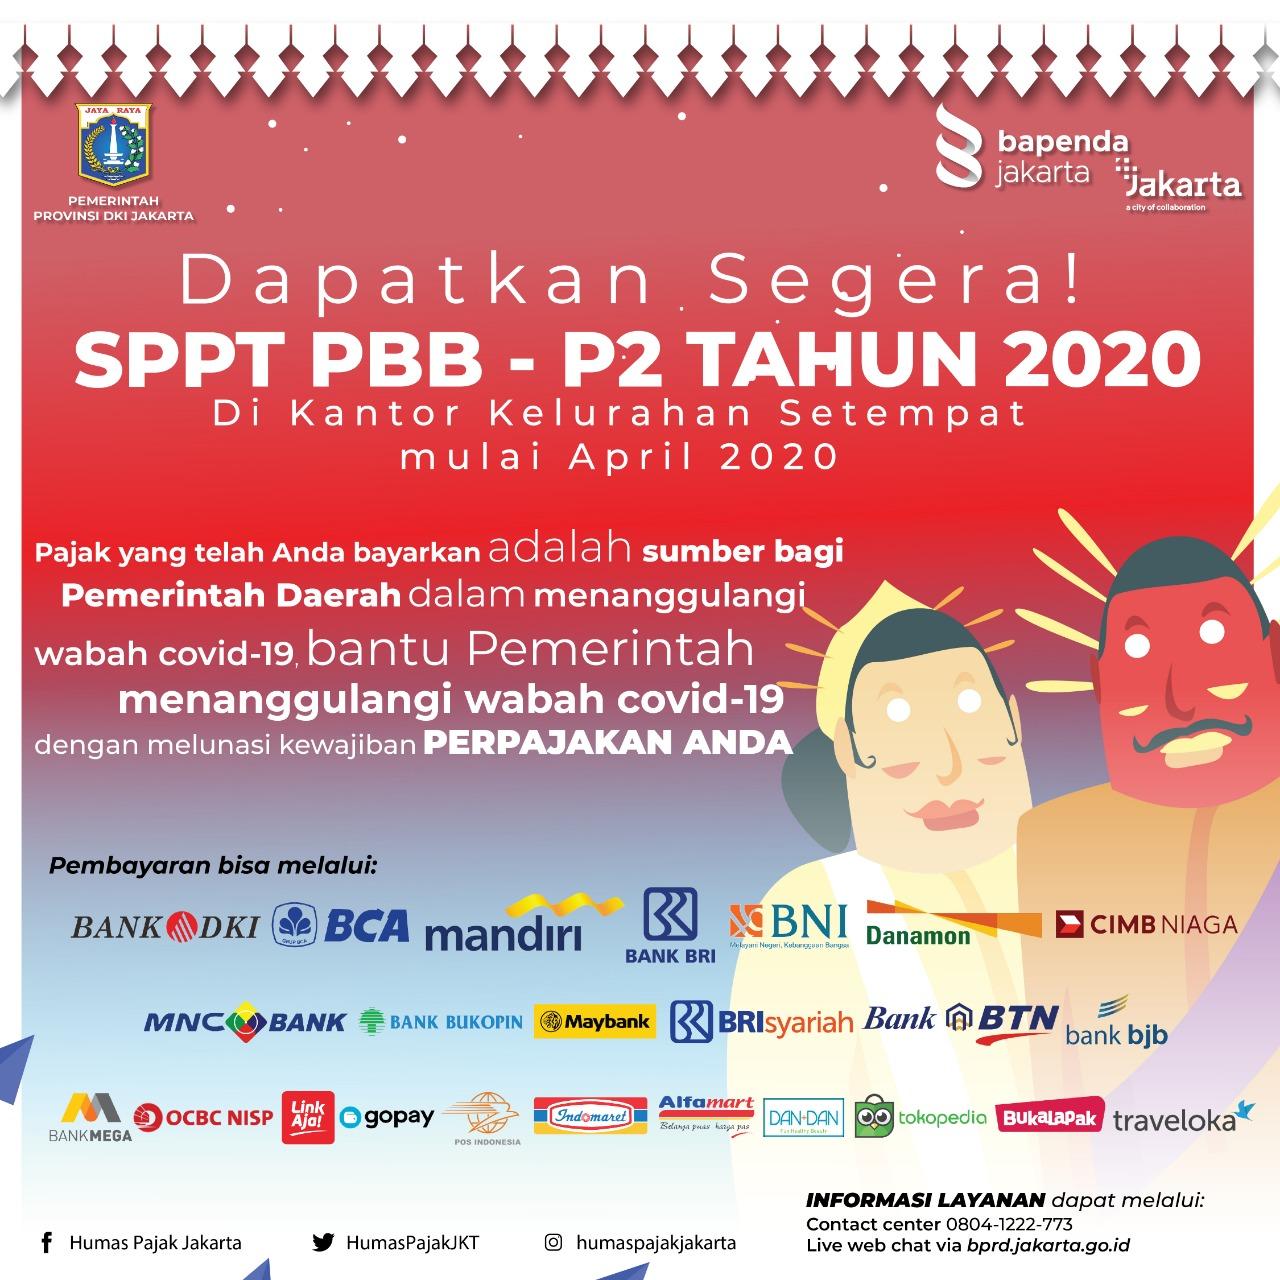 Dapatkan SPPT PBB-P2 Tahun 2020